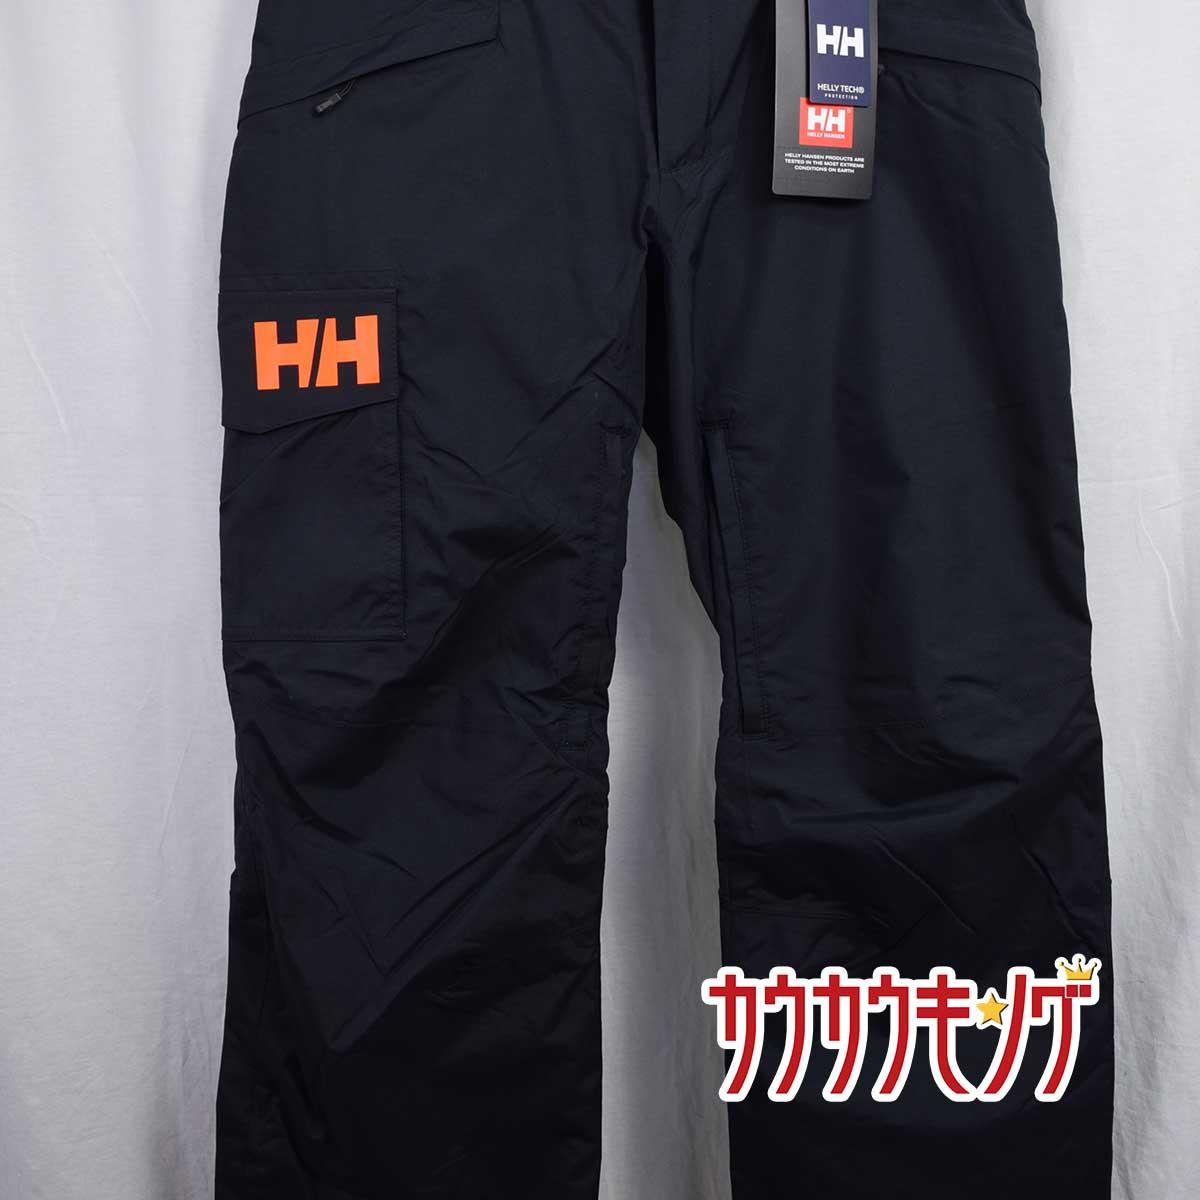 【中古】【未使用】ヘリーハンセン/HELLY HANSEN ソンカーゴパンツ HS21671 サイズM ブラック スキー/スノボ ウェア ゴールドウイン